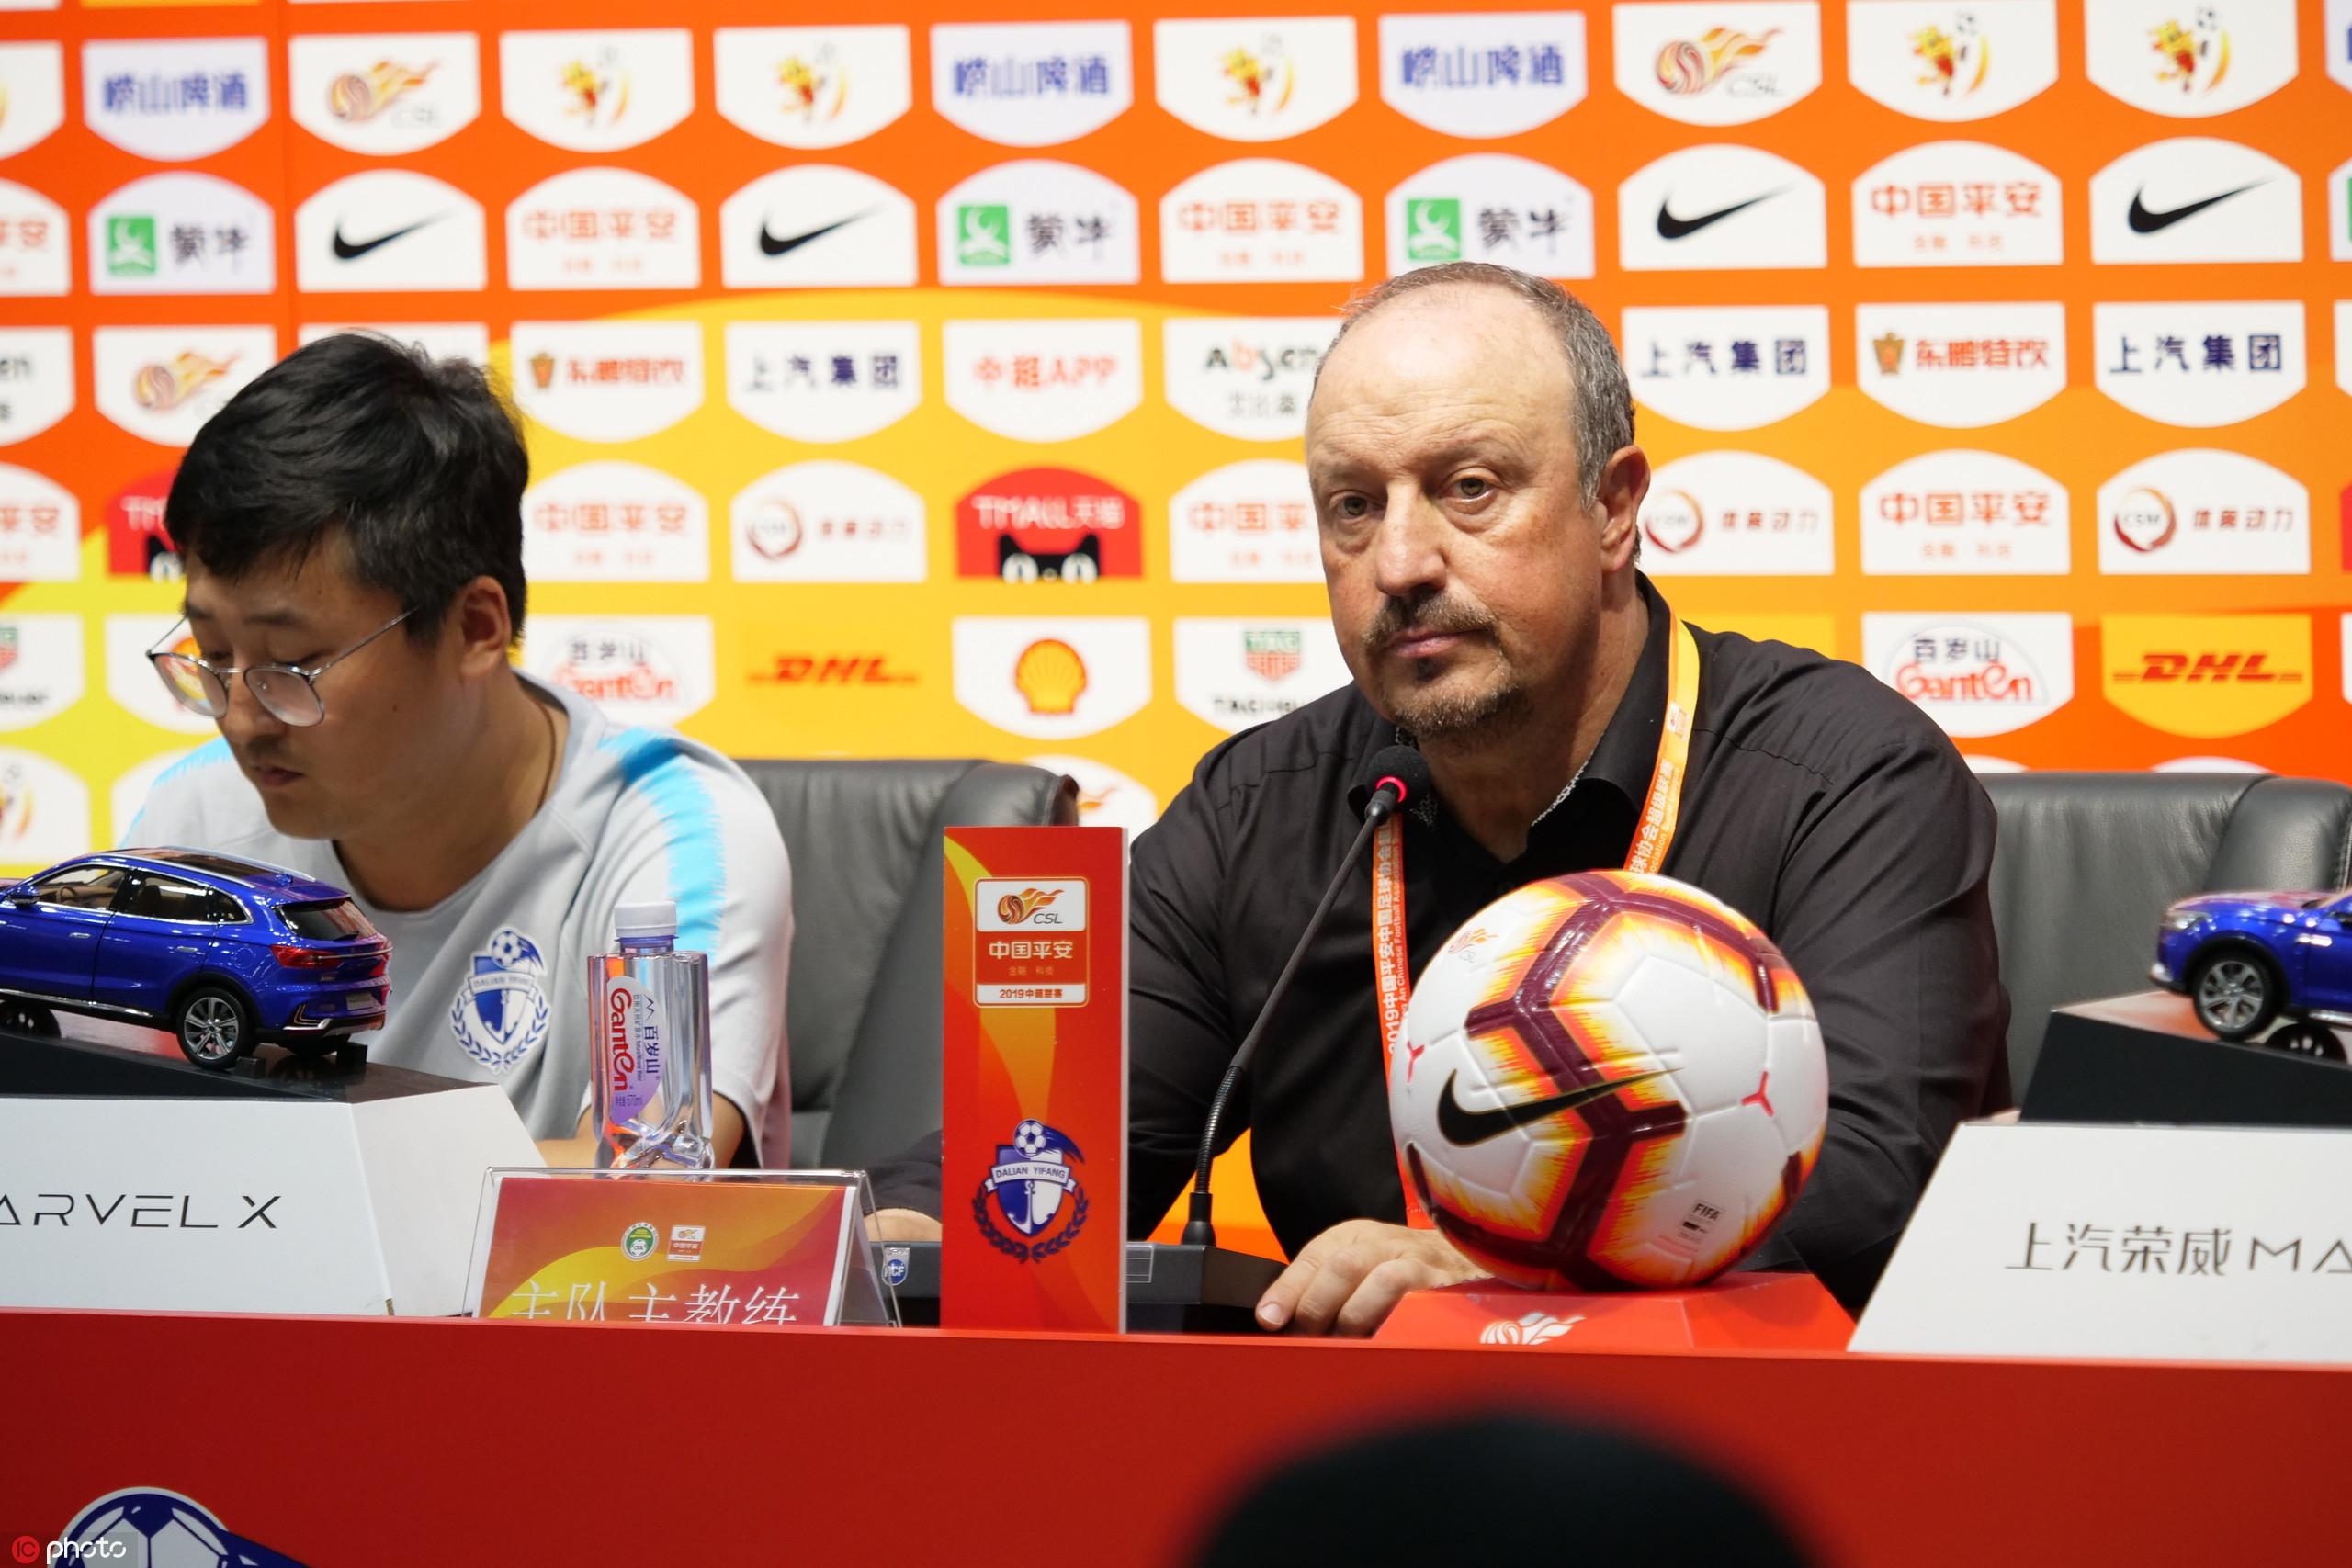 贝尼特斯:卡拉斯科更众为球队着想,年轻球员训练很益